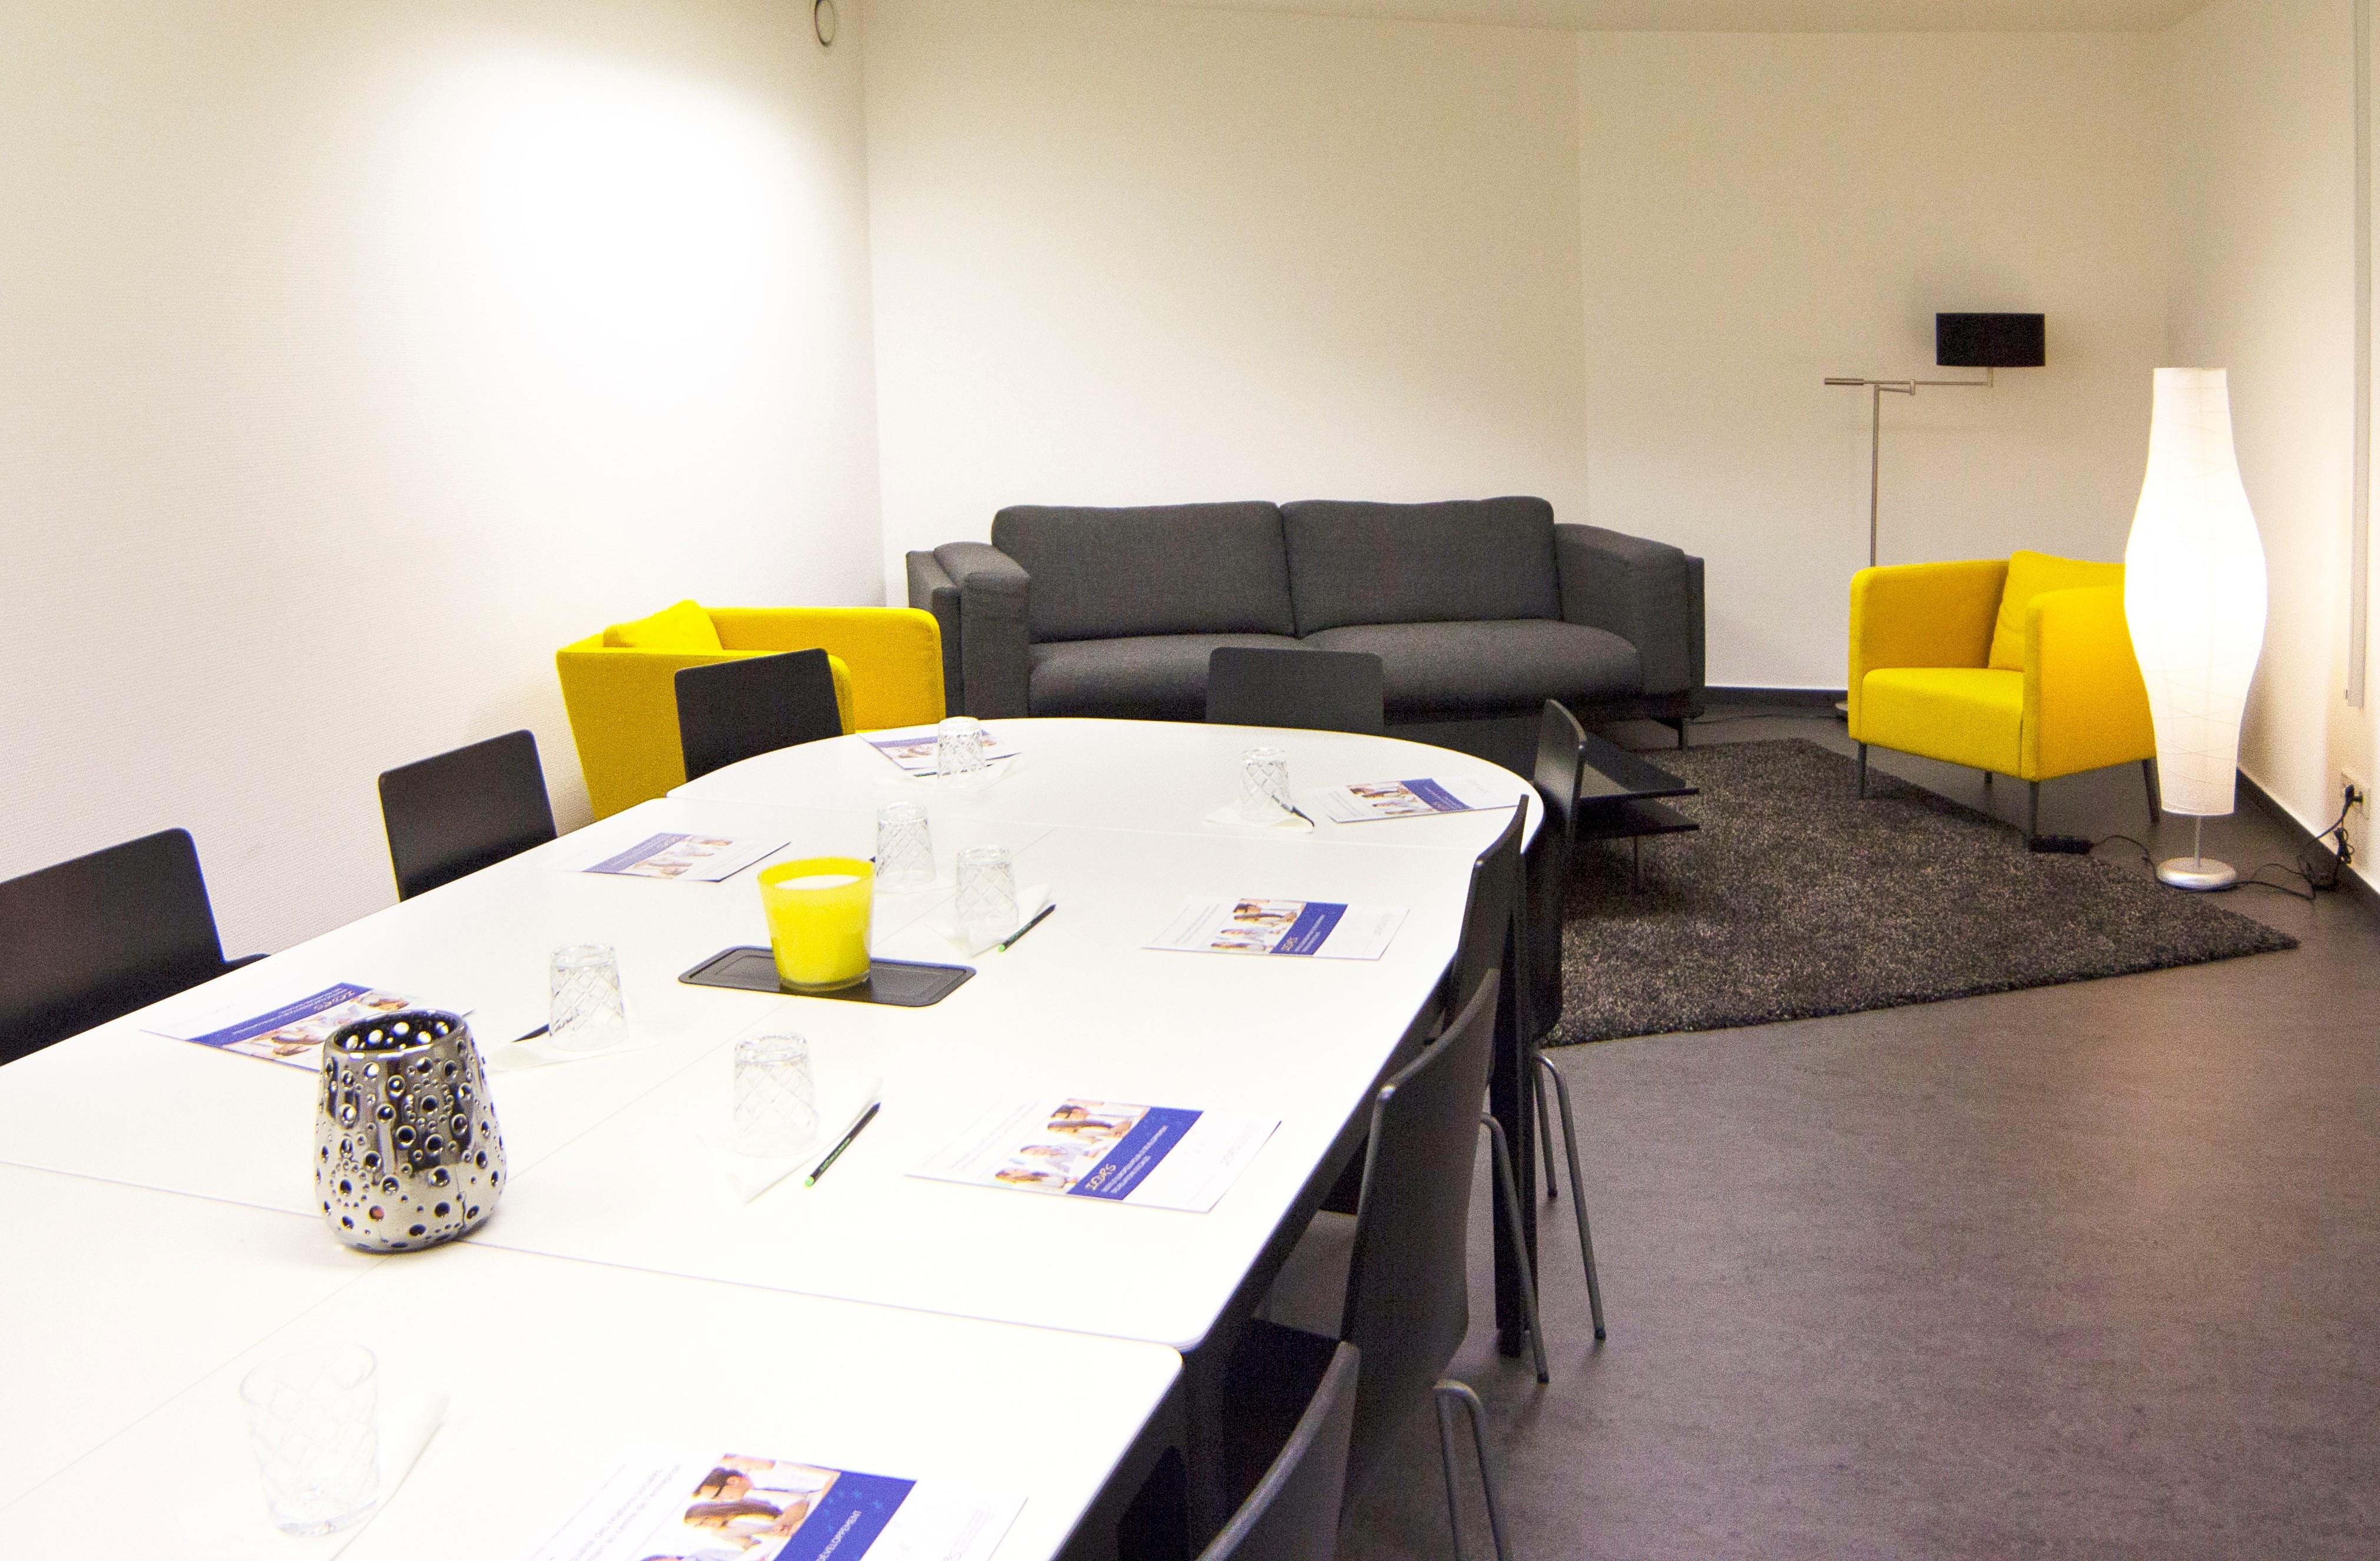 Accueil centre de formation médiation Luxembourg